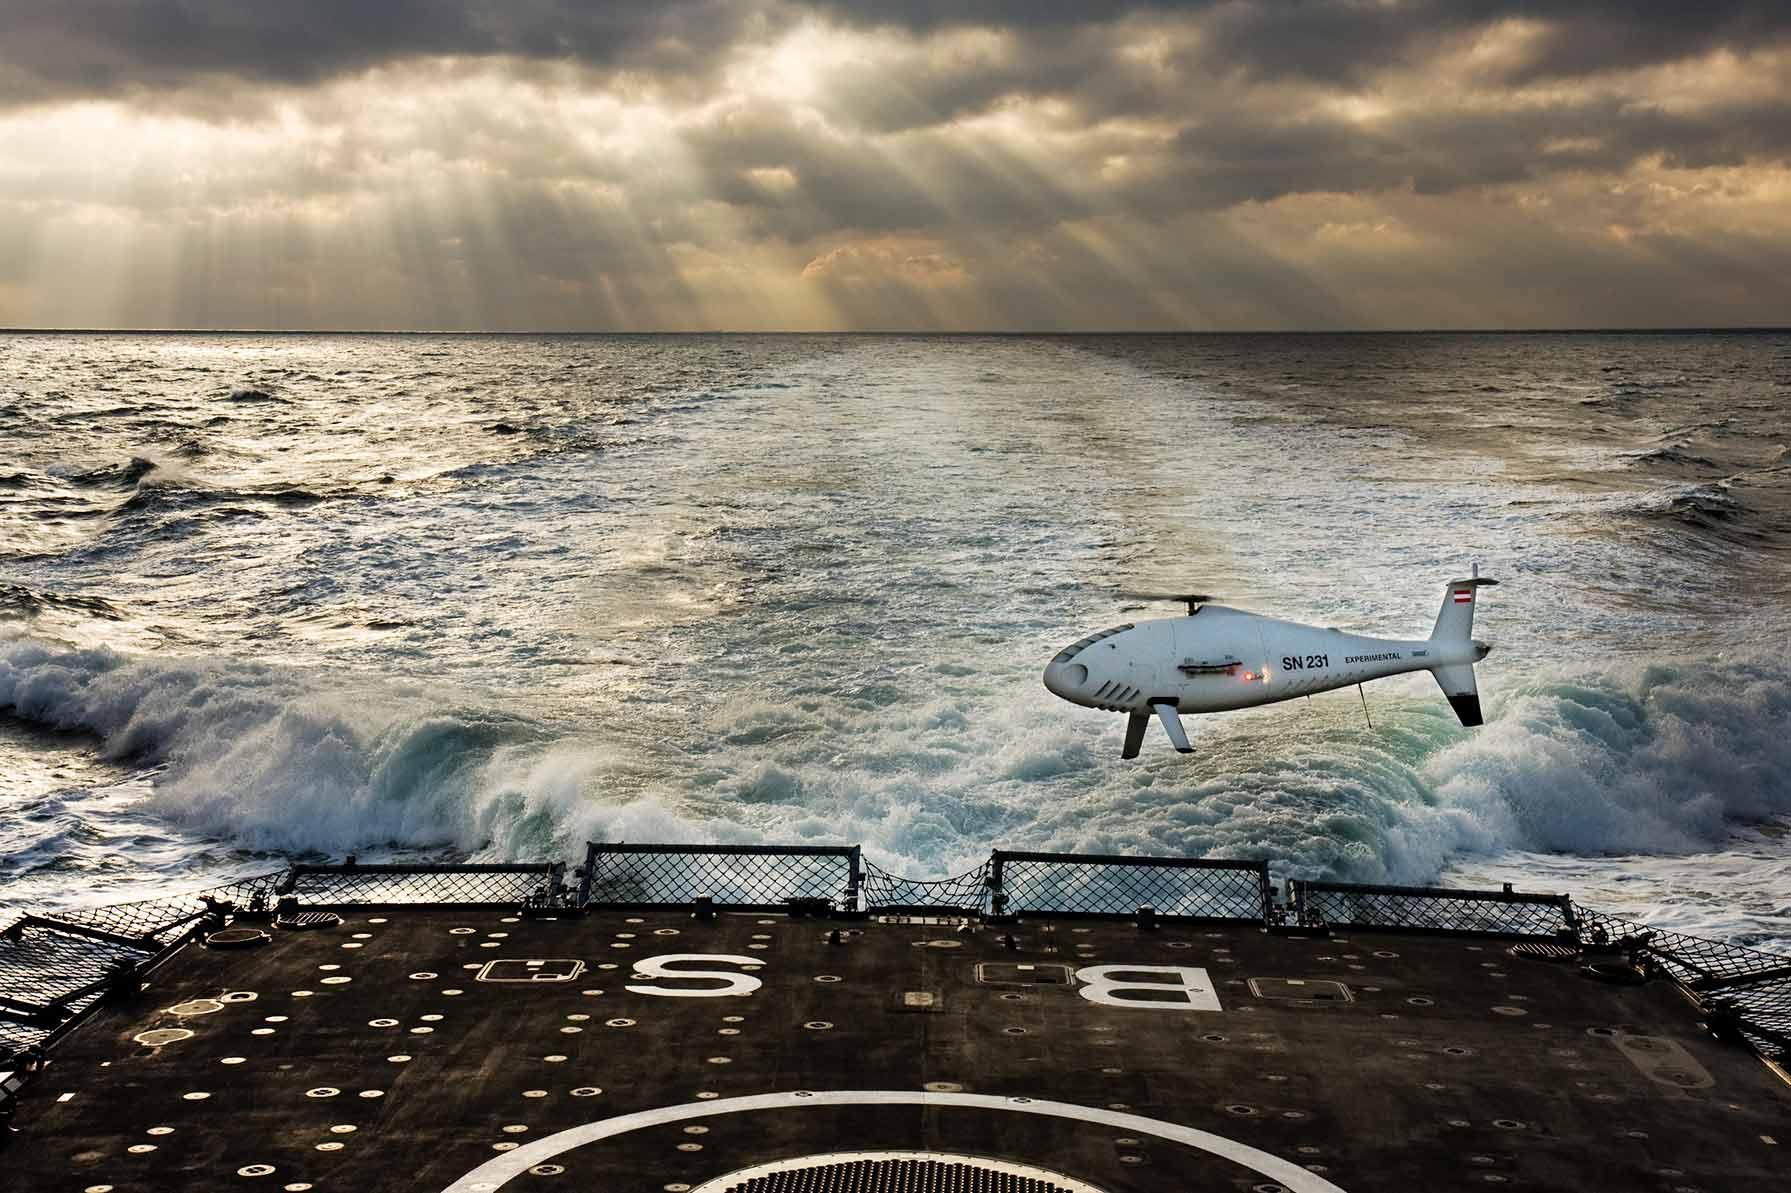 ΝΕΑ UAV ΓΙΑ ΤΟ ΠΝ: Επιτυχής δοκιμή των CAMCOPTER στη Φ/Γ ΑΙΓΑΙΟΝ